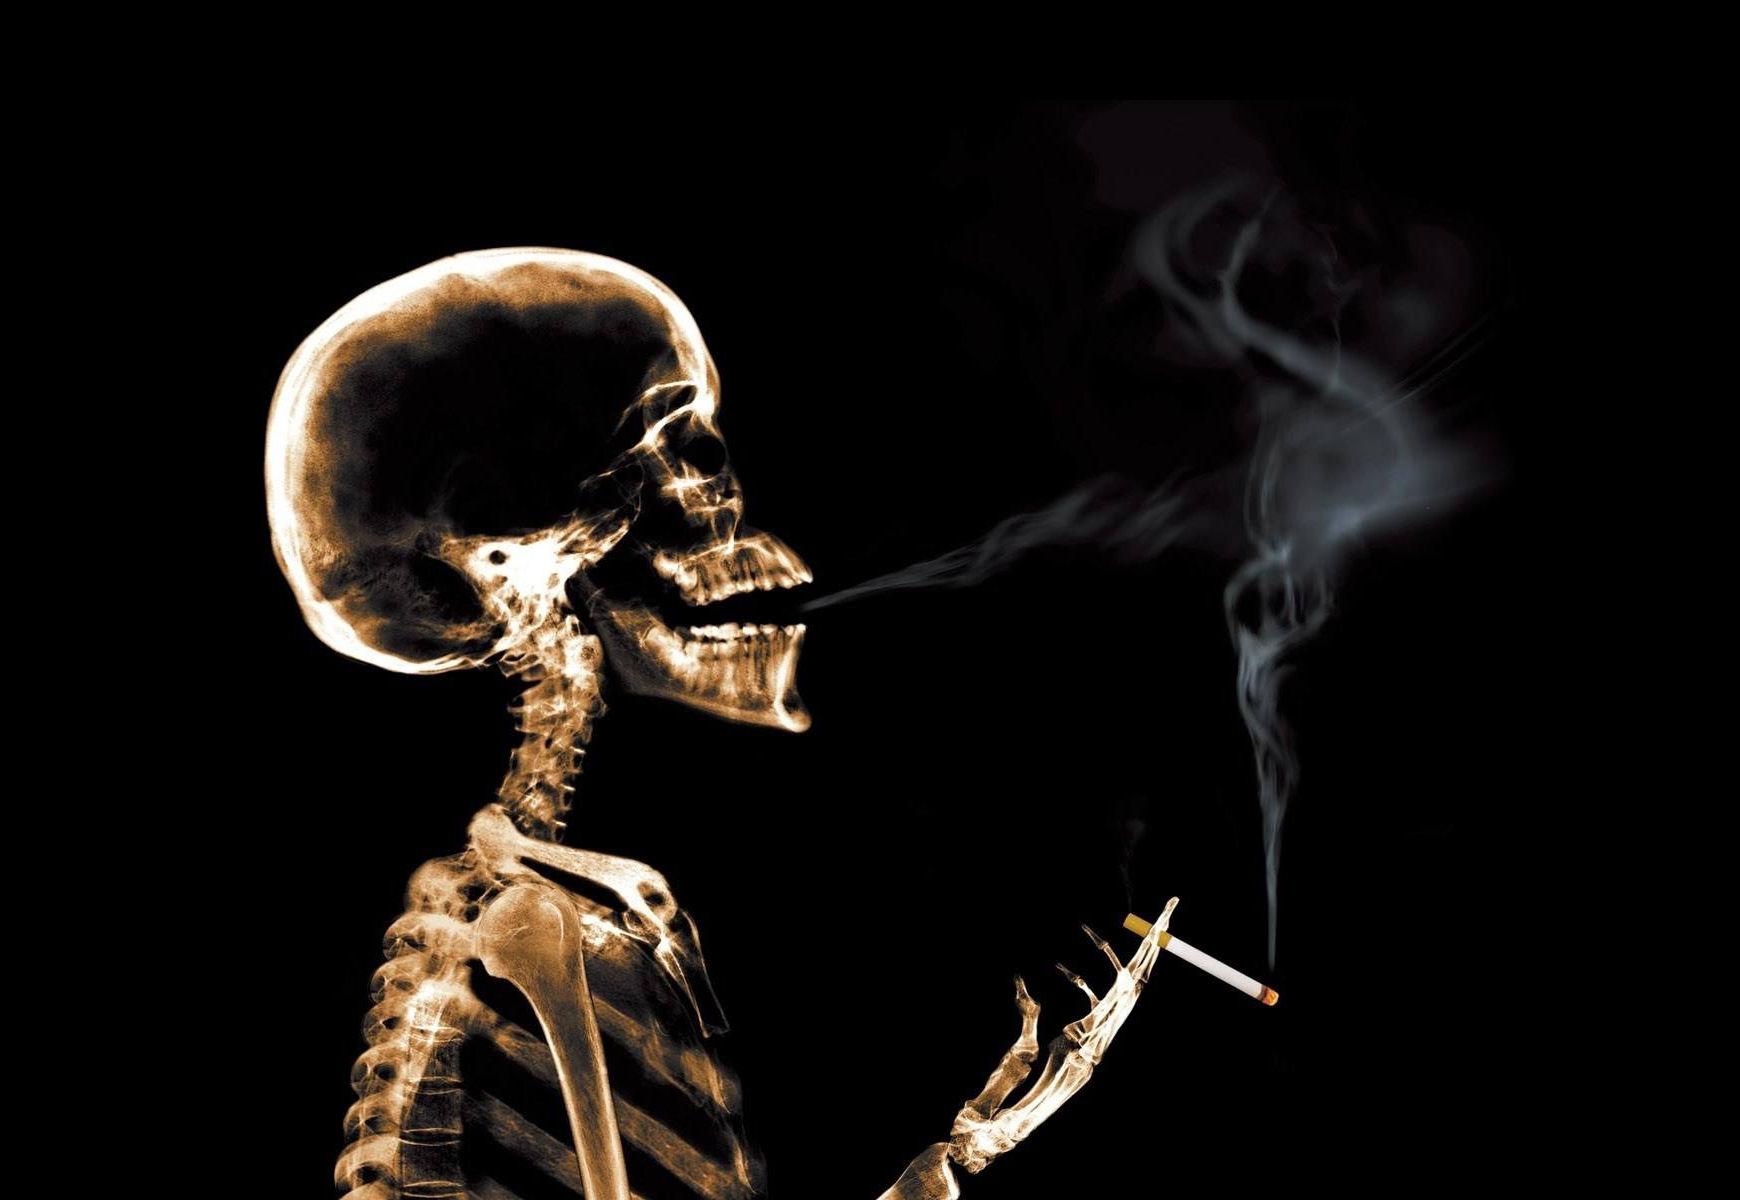 烟草吞噬生命